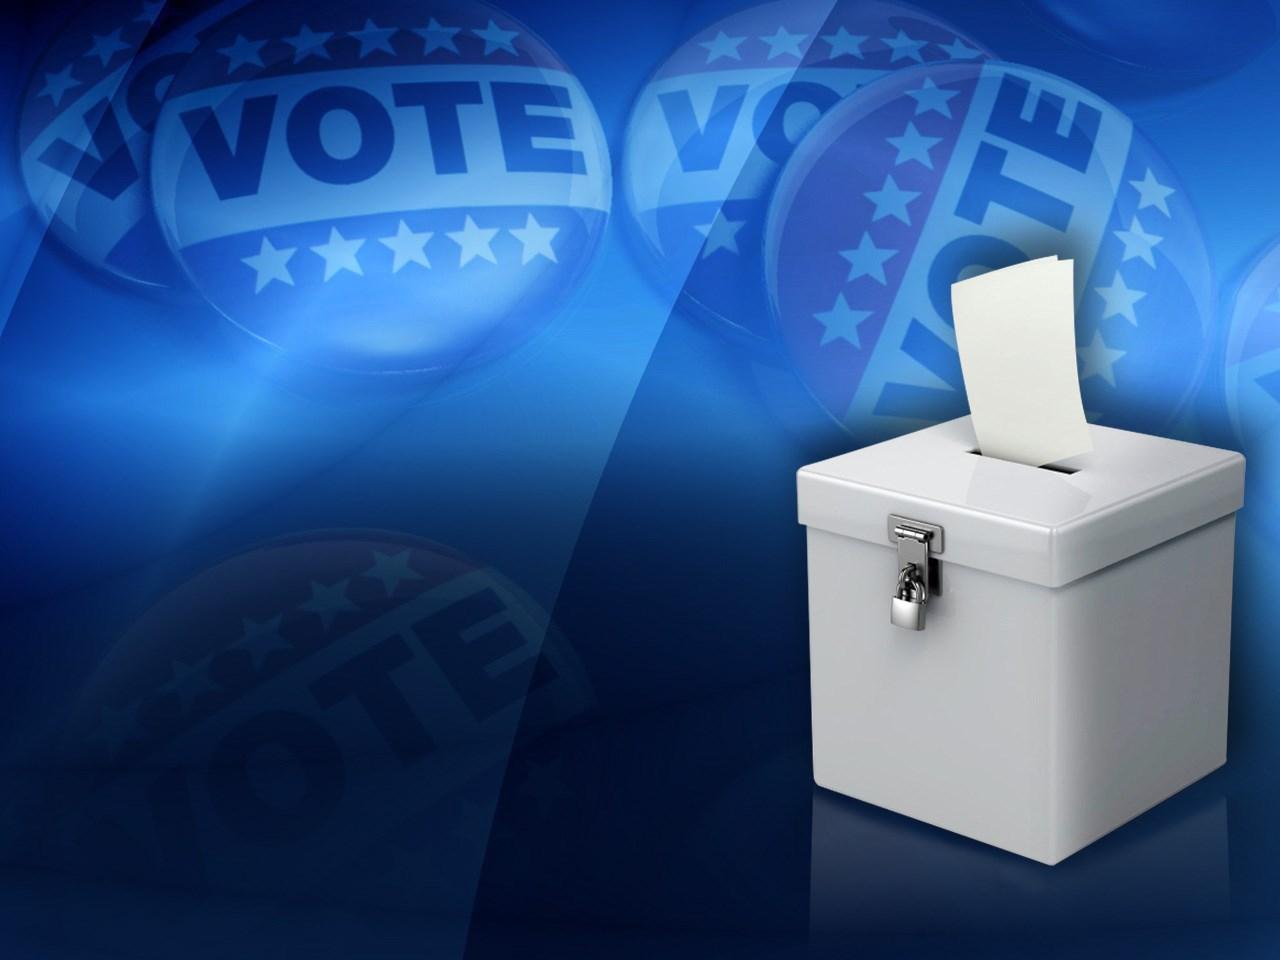 VOTE BALLOT_1534262996906.jpg.jpg